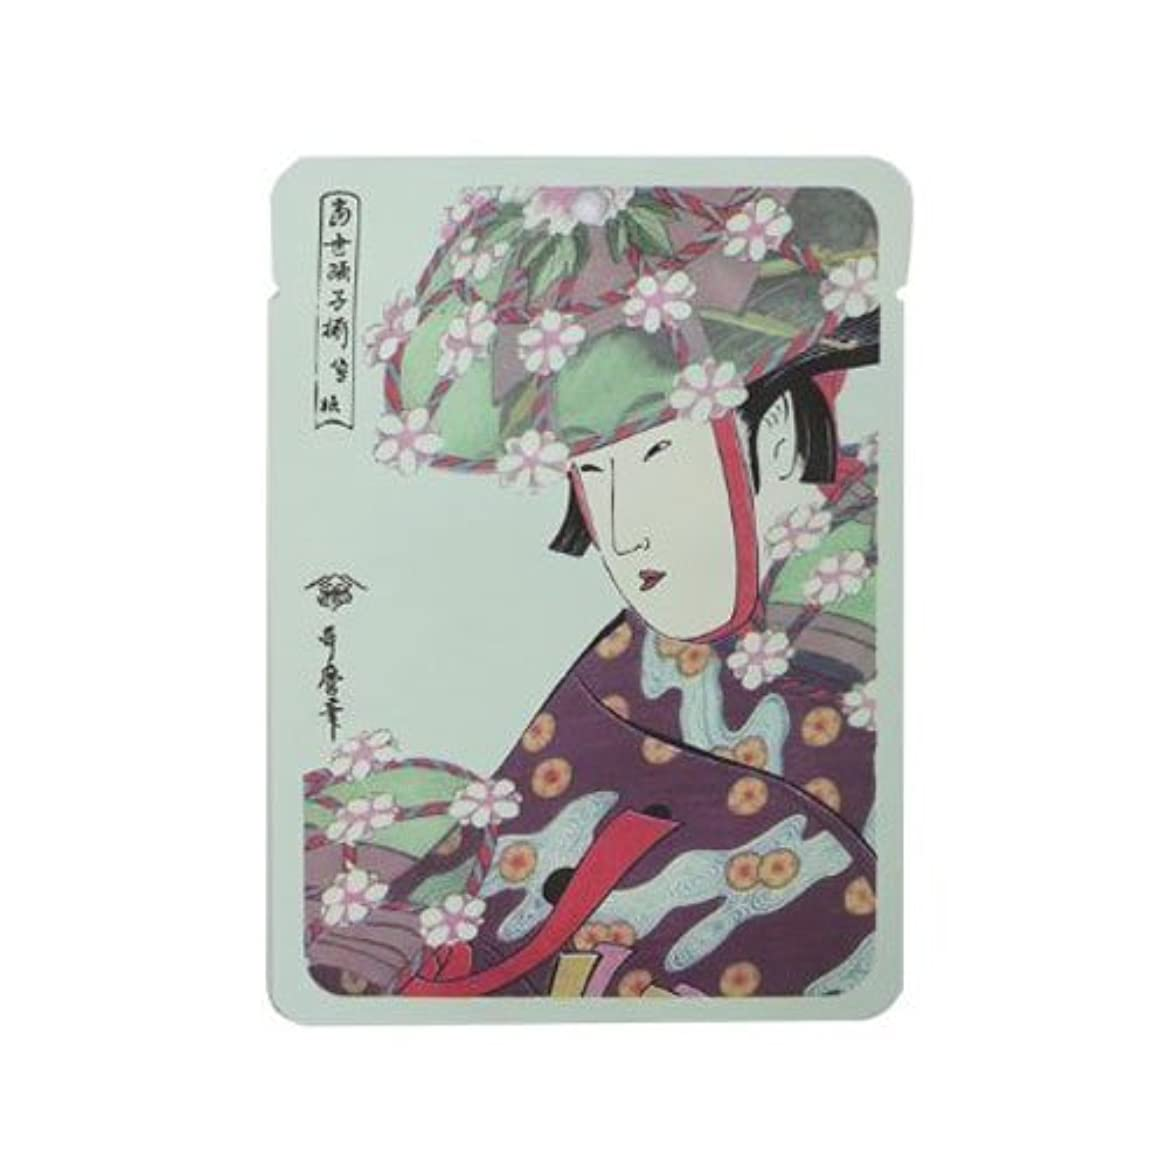 落ちた本当に魔術師美友 エッセンスマスク アロエ+桜 1枚入 4582419531031